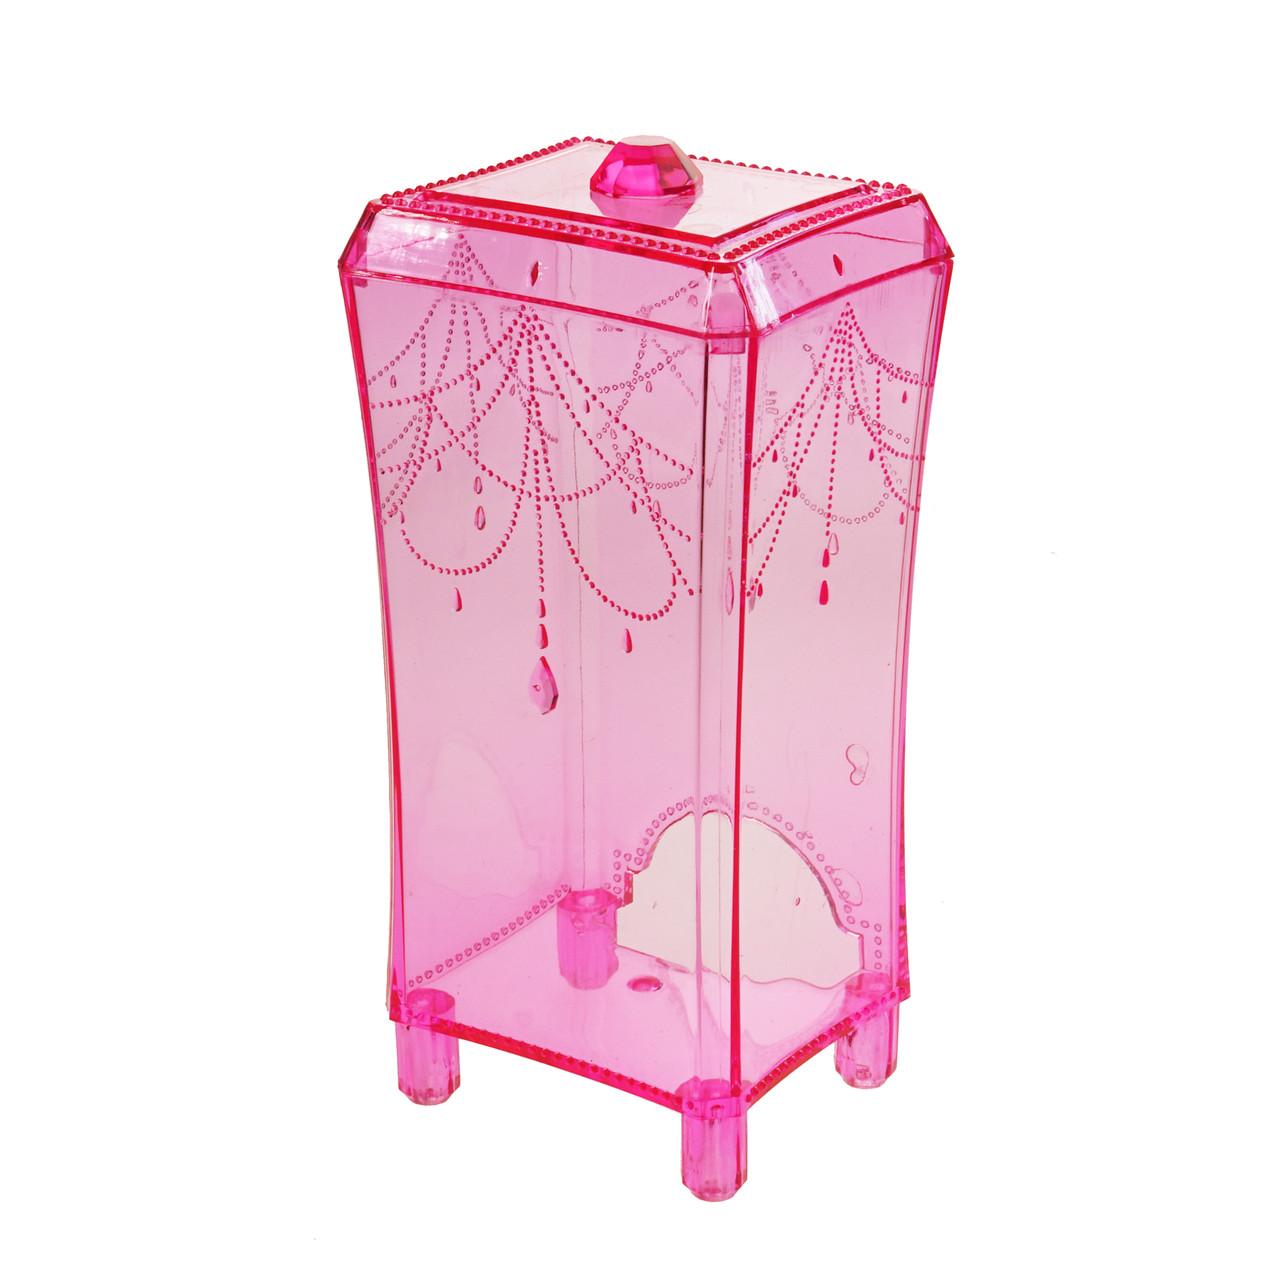 Органайзер для ватяних дисків, яскраво-рожевий